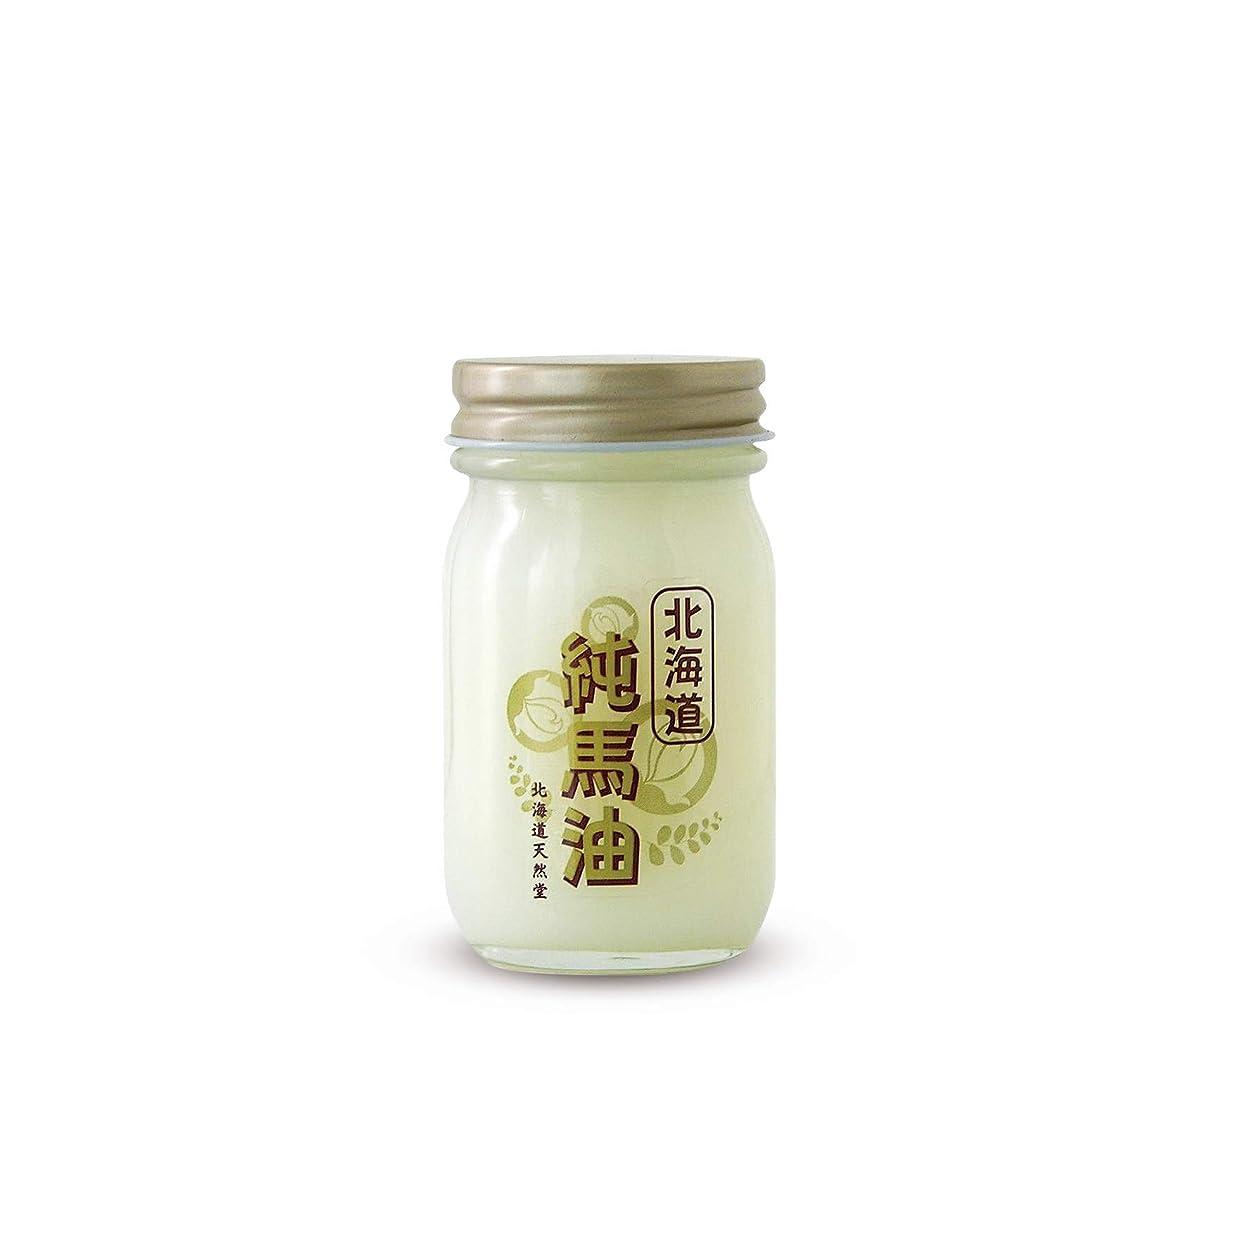 に話す堀草純馬油 70ml 【国内限定】/ 北海道天然堂